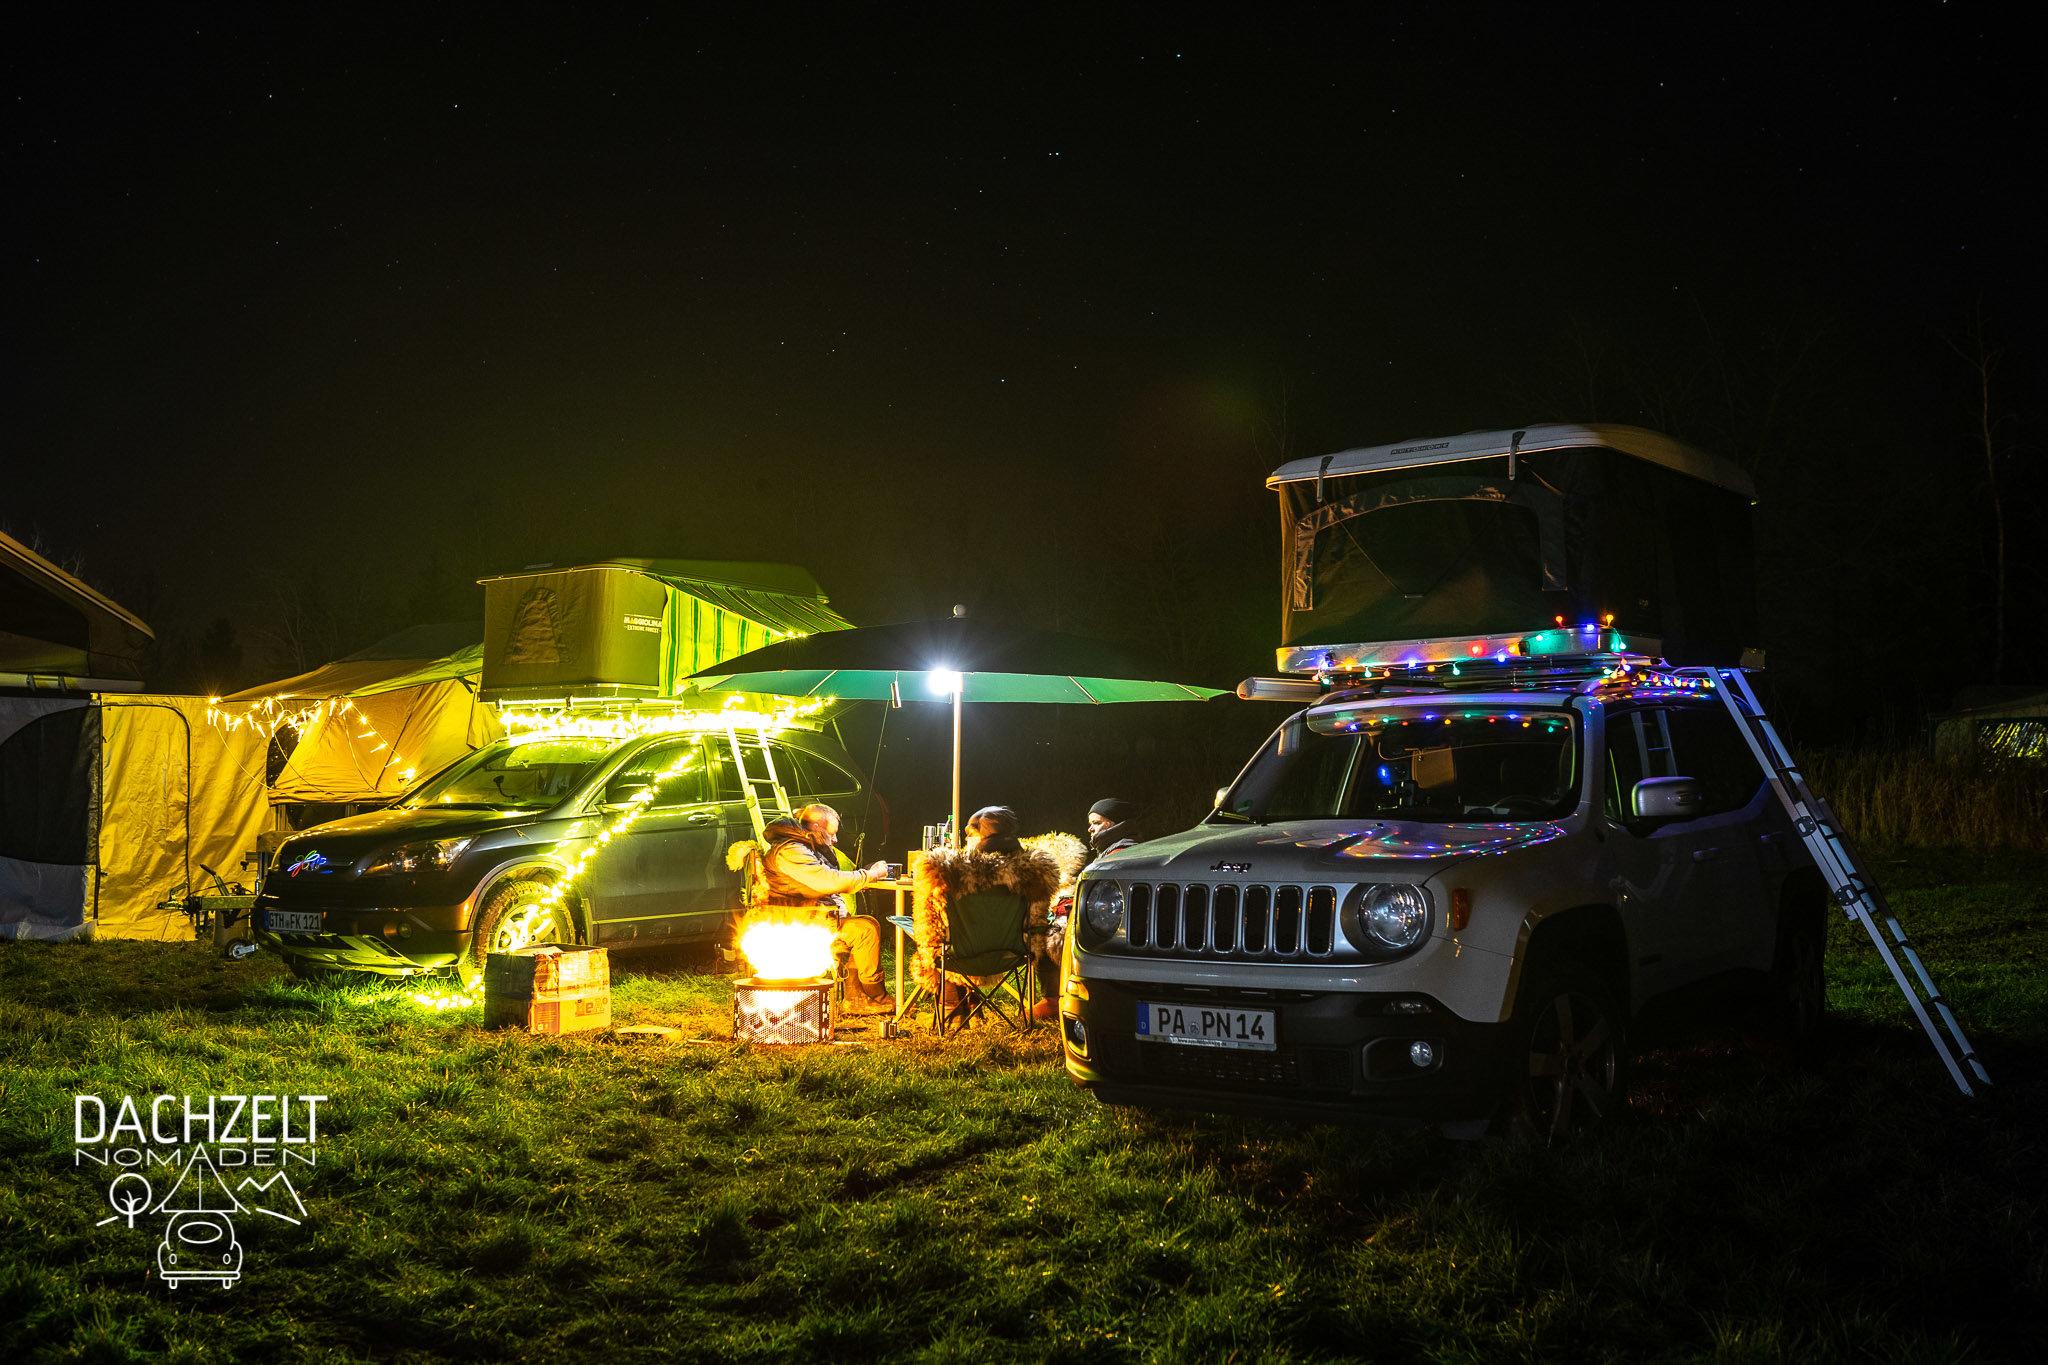 20191231-DACHZELT-SILVESTER-CAMP-Diana-Schandwinkel--87-Camp